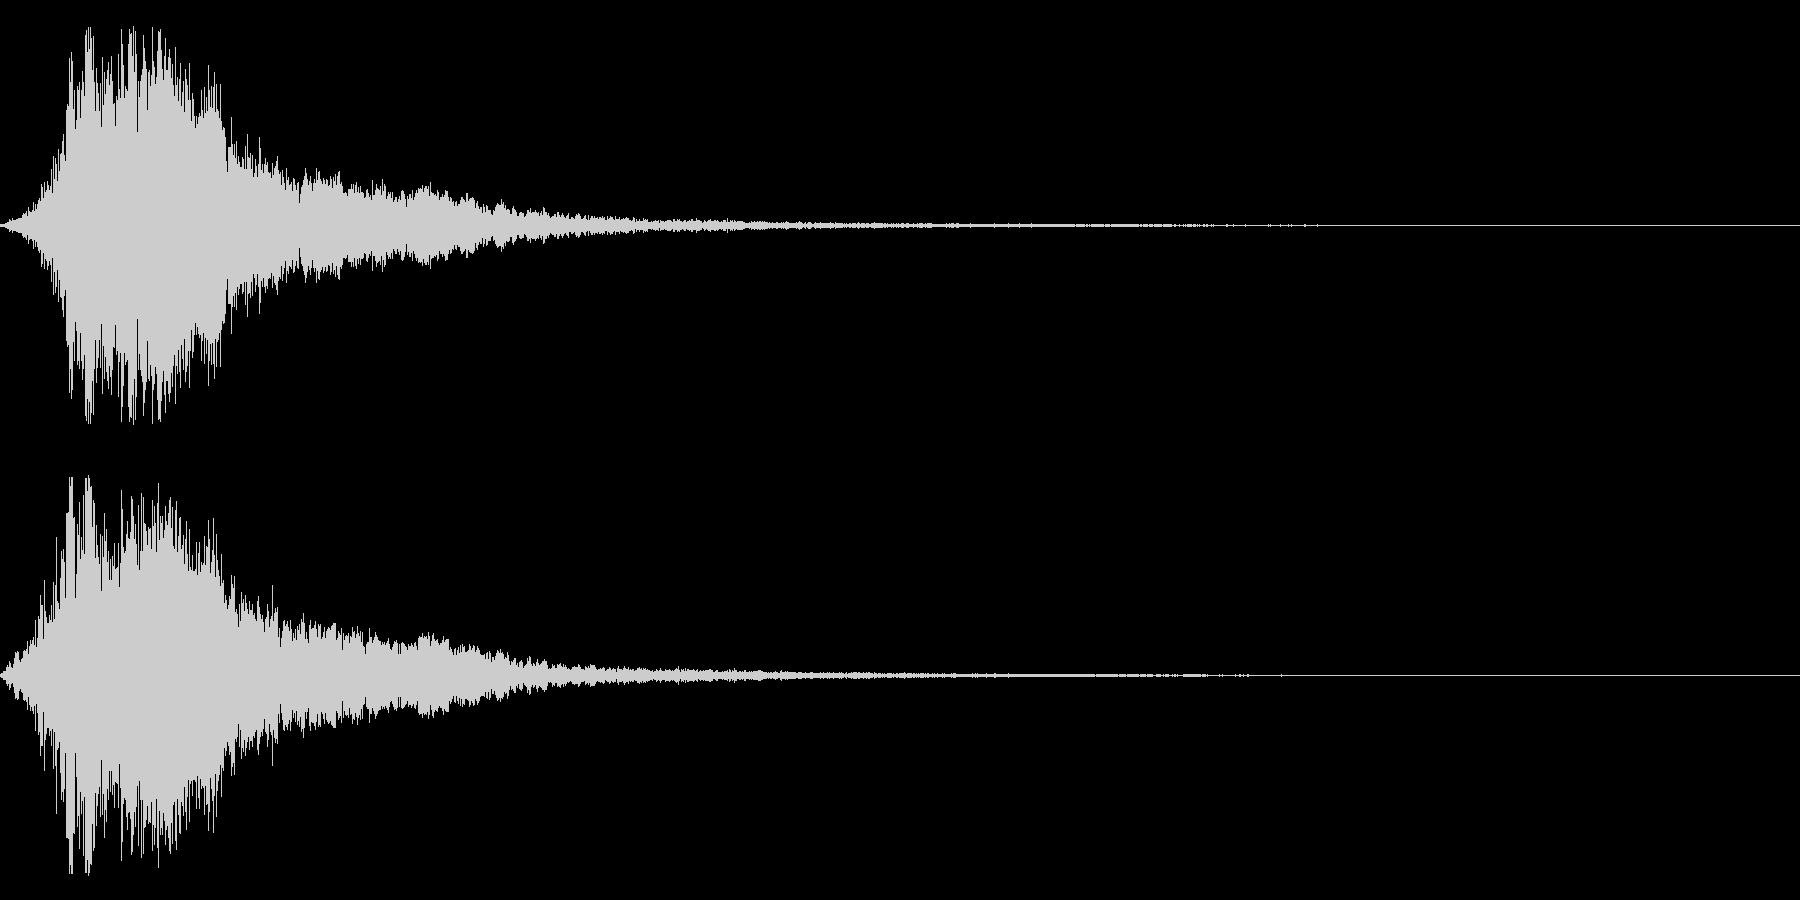 シャキーン!勢いのあるインパクト音03bの未再生の波形